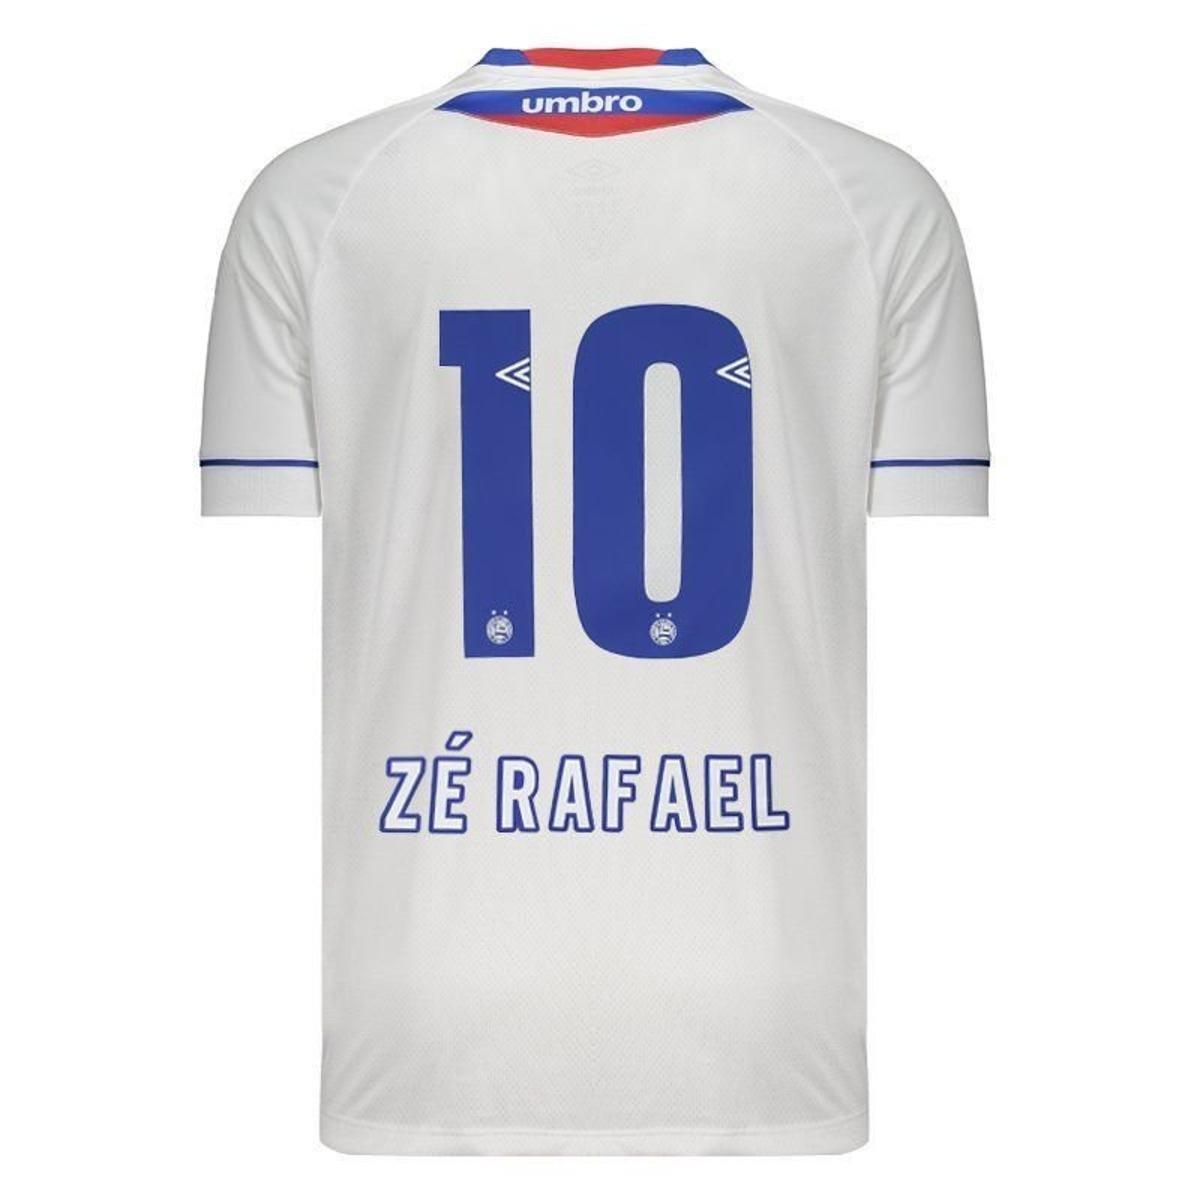 Camisa Umbro Bahia II 2018 Sk-1 N°10 Zé Rafael Masculina - Branco ... 86ffdd124735b